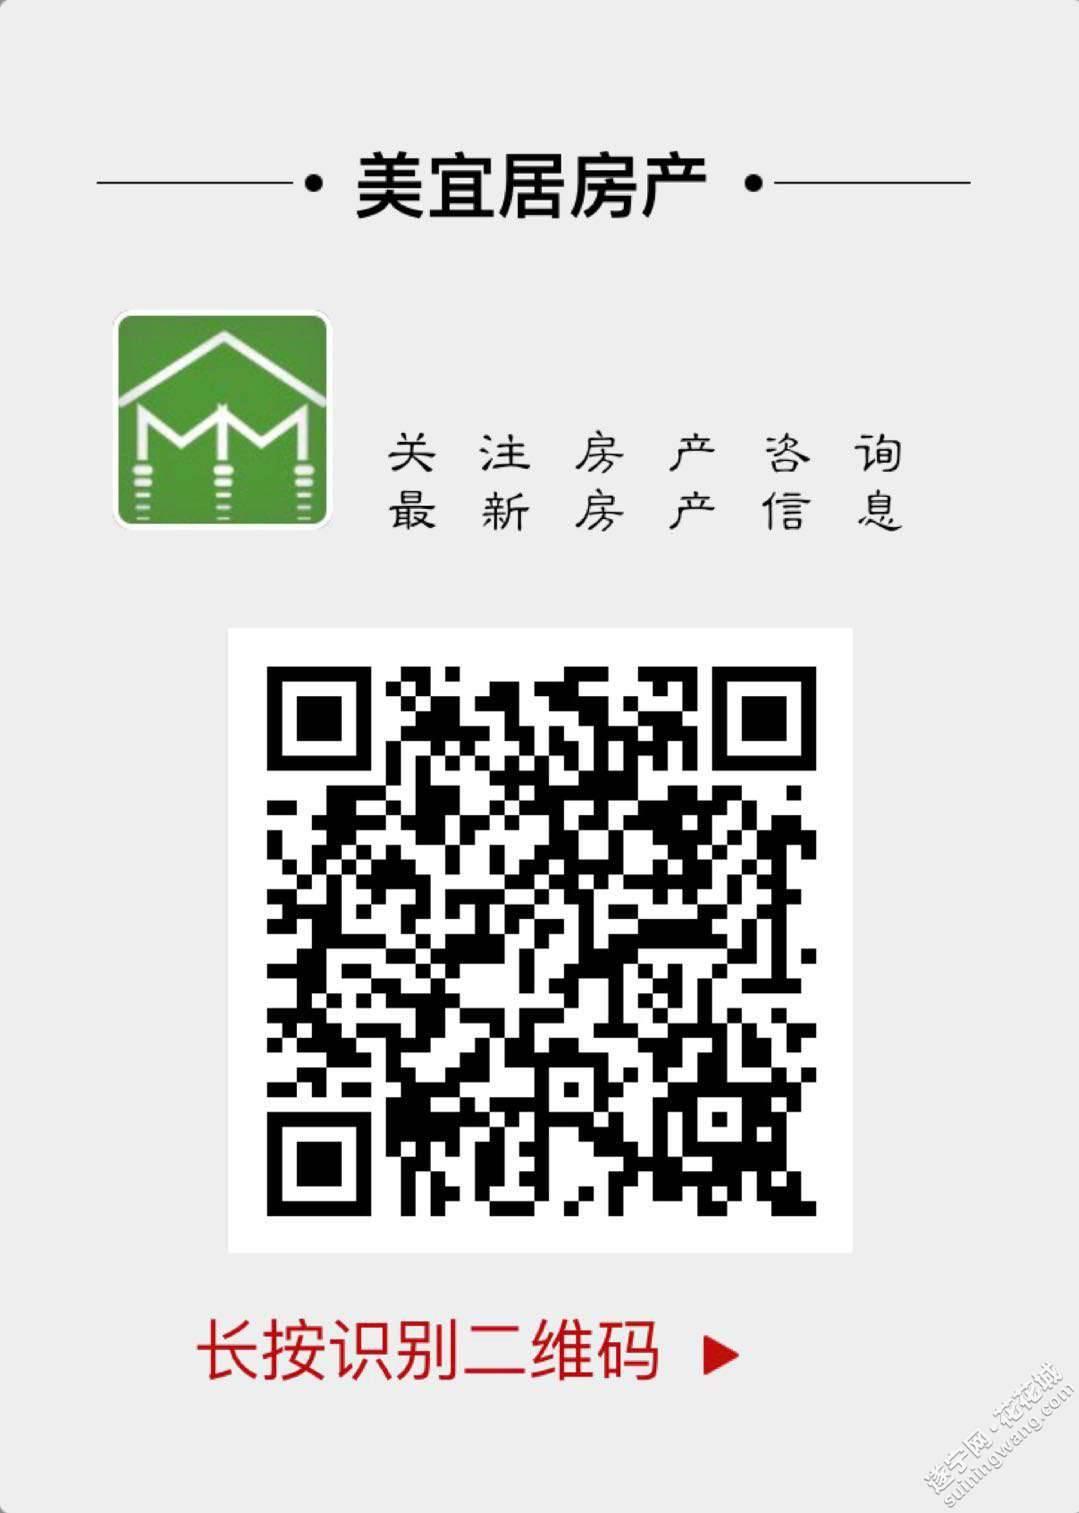 微信图片_20180104180506.jpg